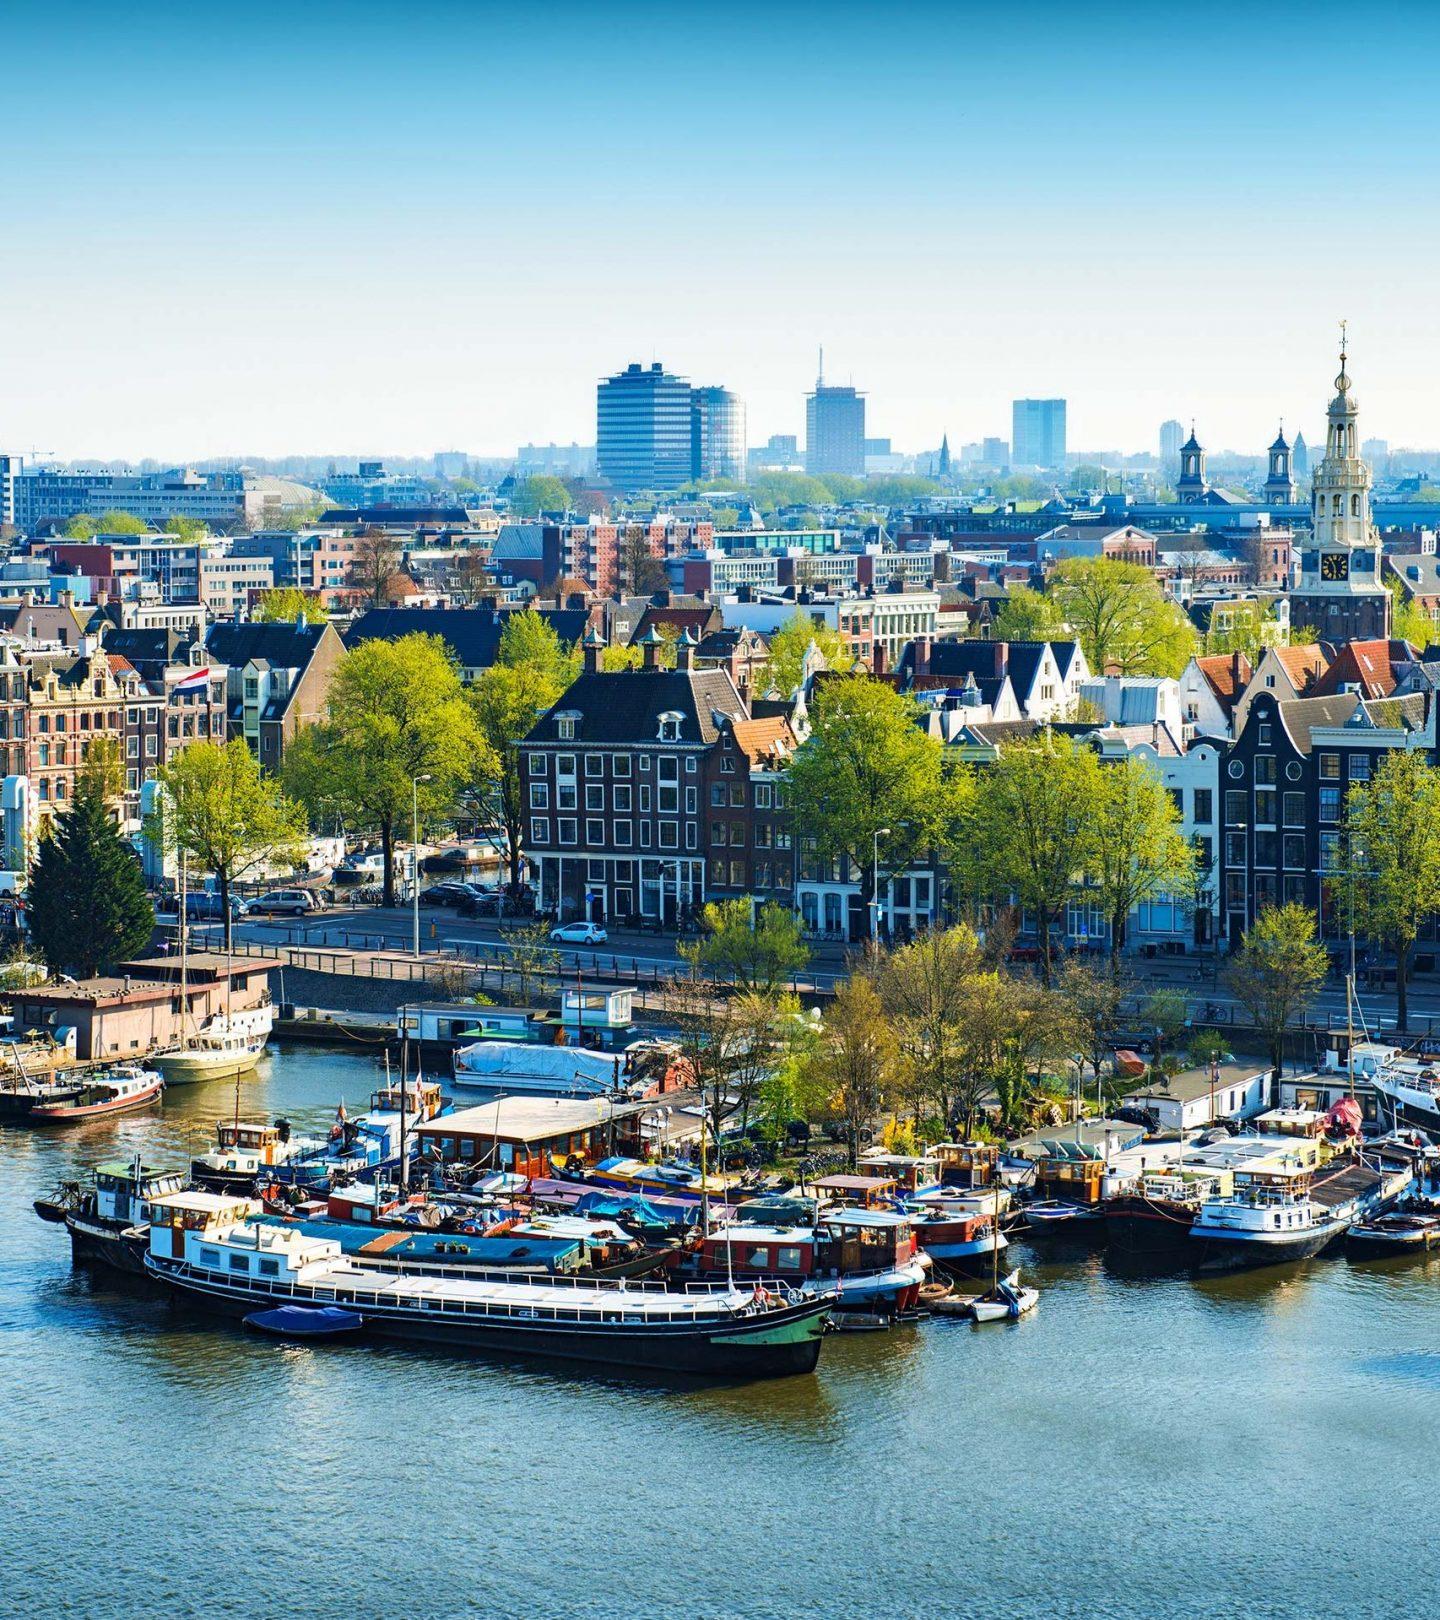 Immobilienmarkt Niederlande - Skyline Amsterdam